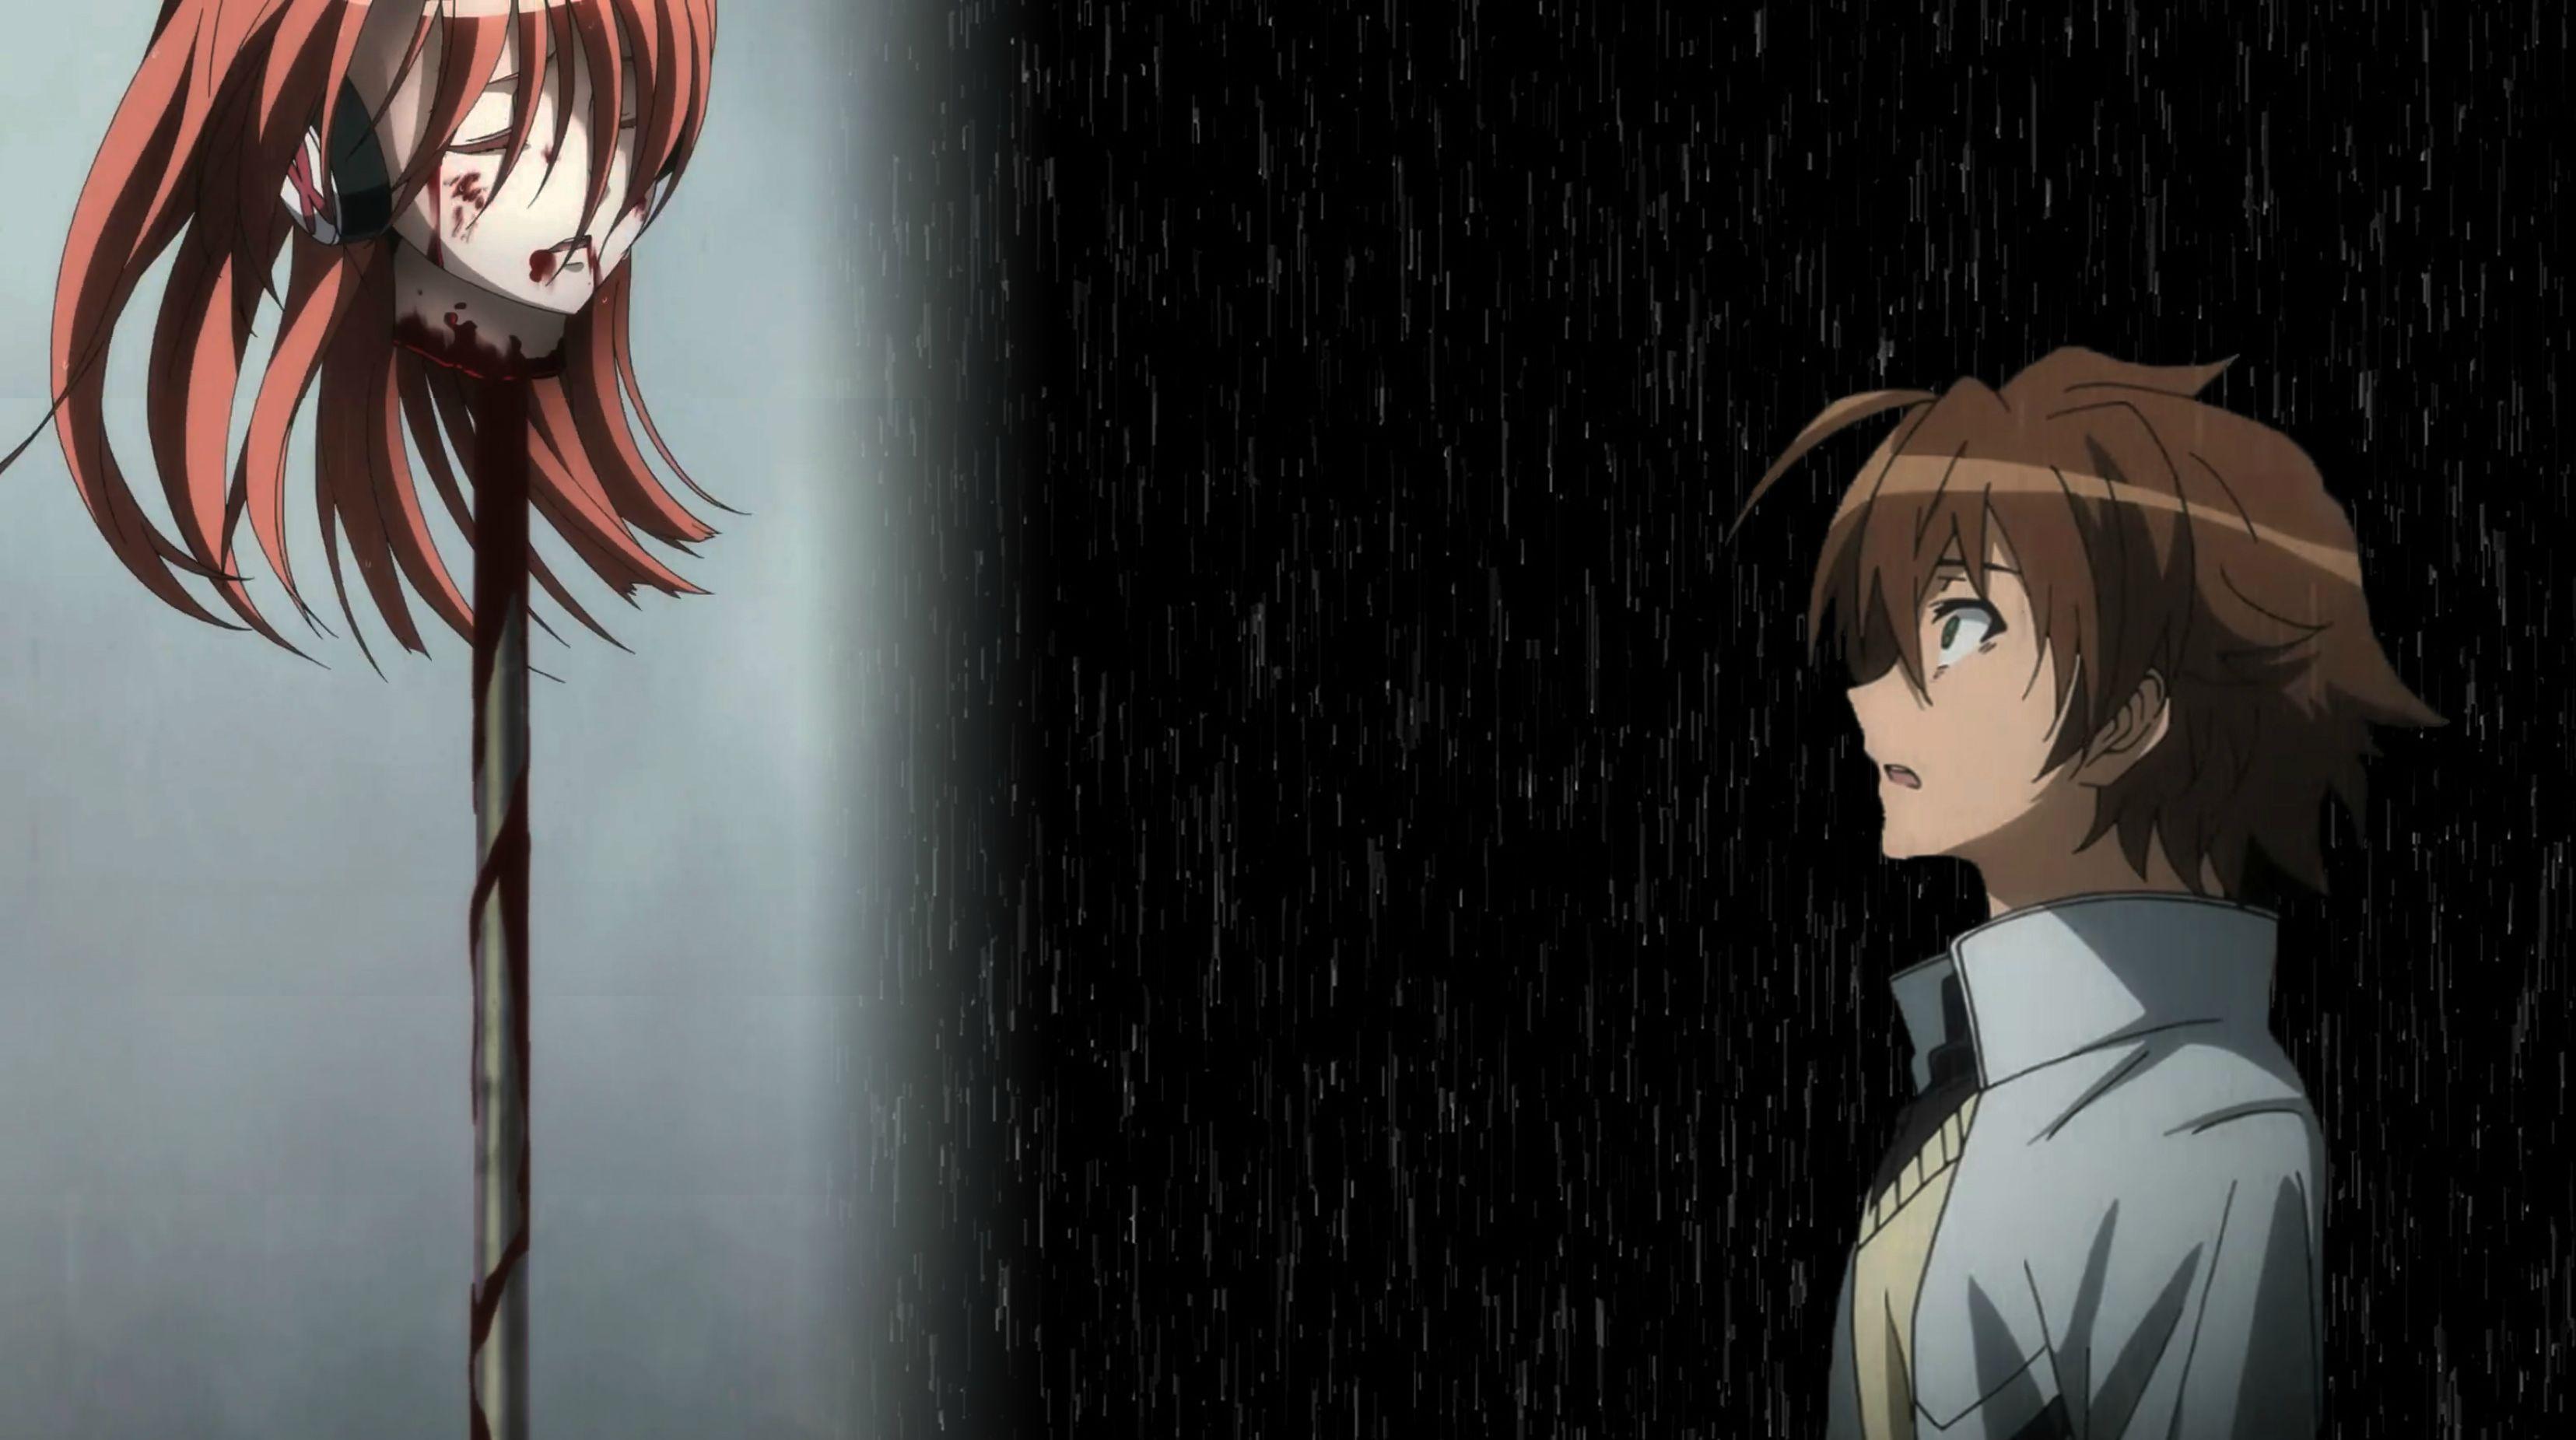 Pin By Mj2k On Anime Akame Ga Kill Akame Ga Anime